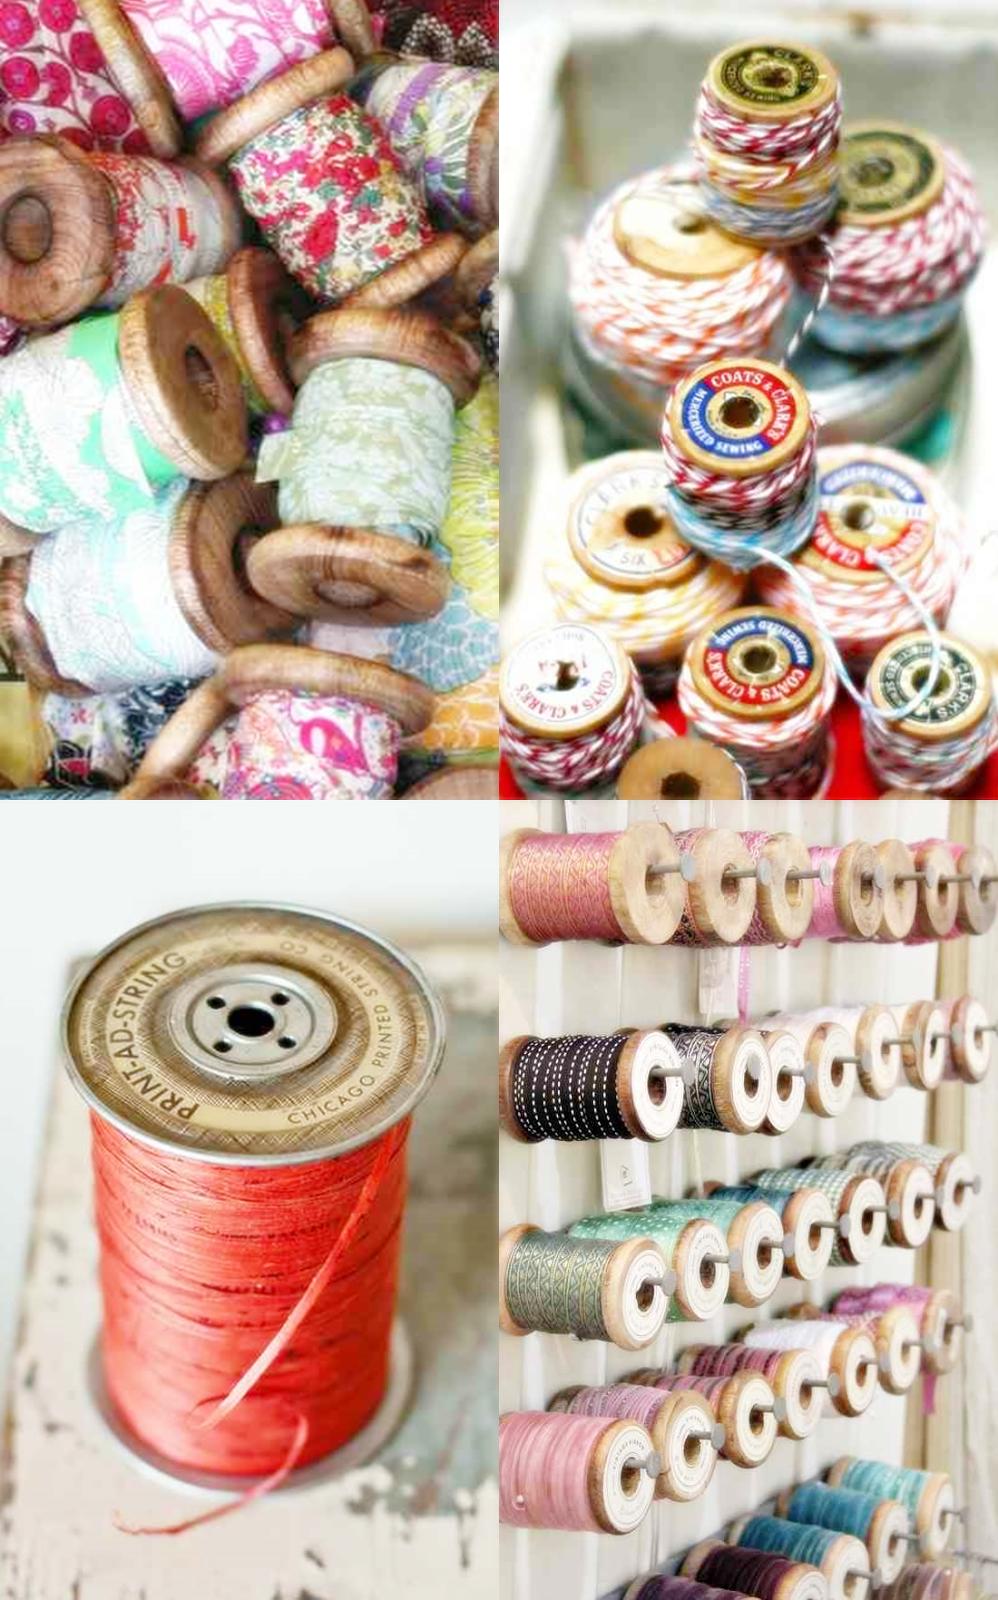 vintage spools, kolorowy sznurek na szpulkach, kolorowe tasiemki na drewnianych szpulach